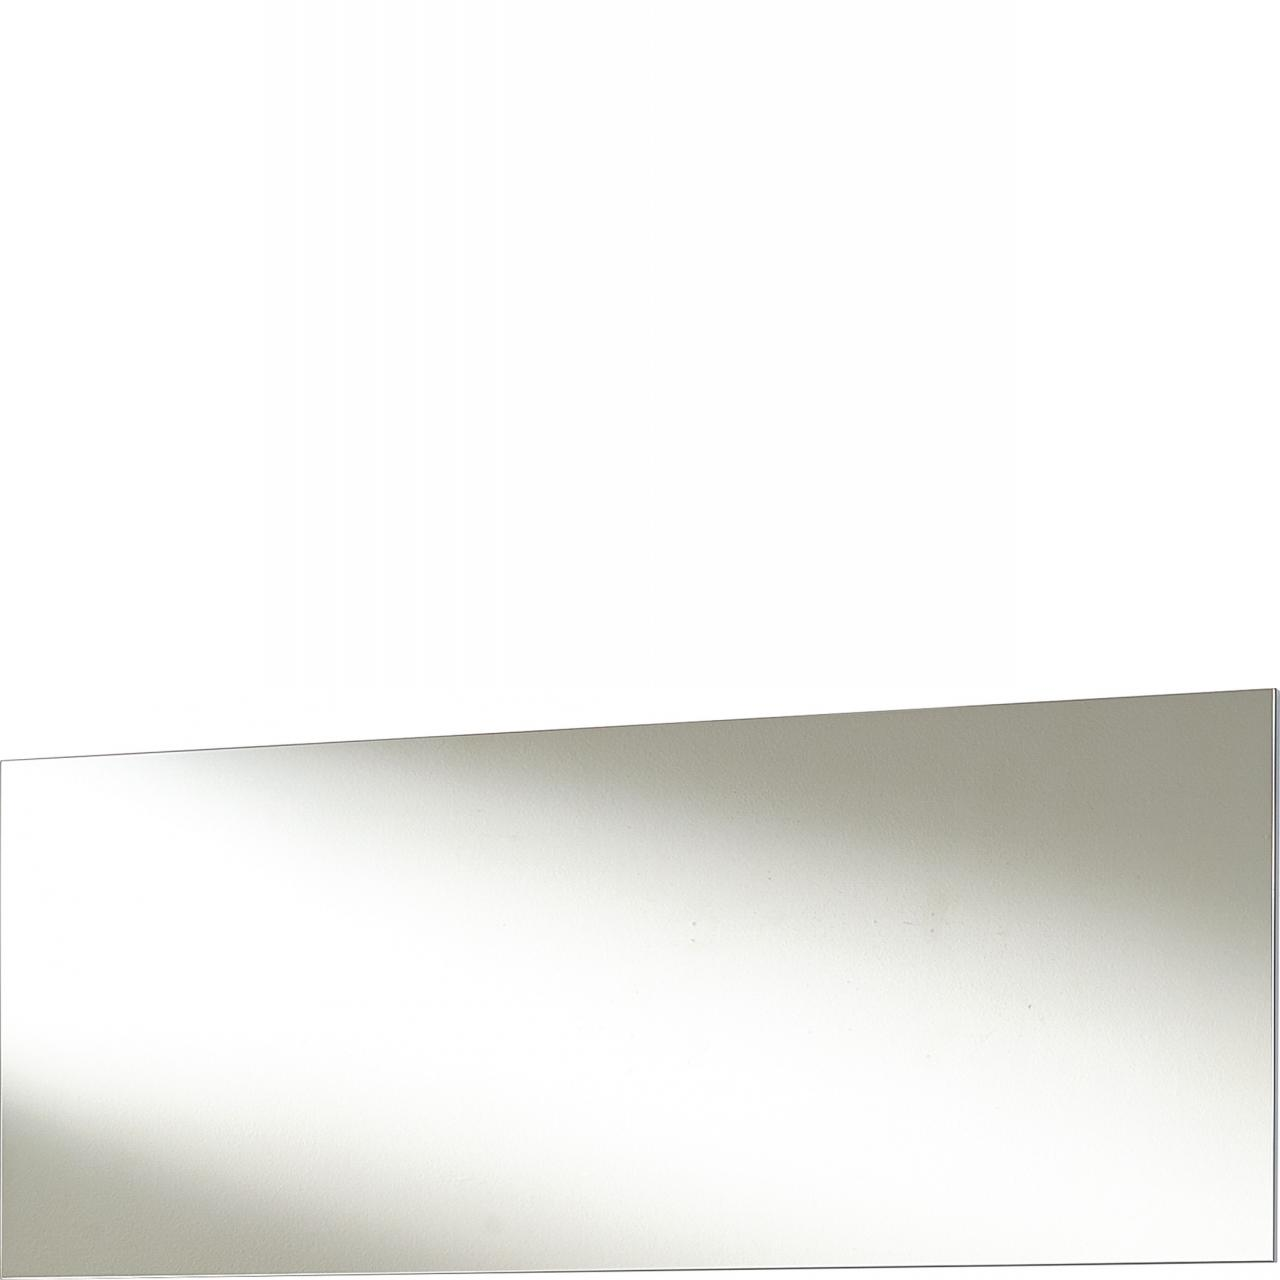 Spiegel Inside